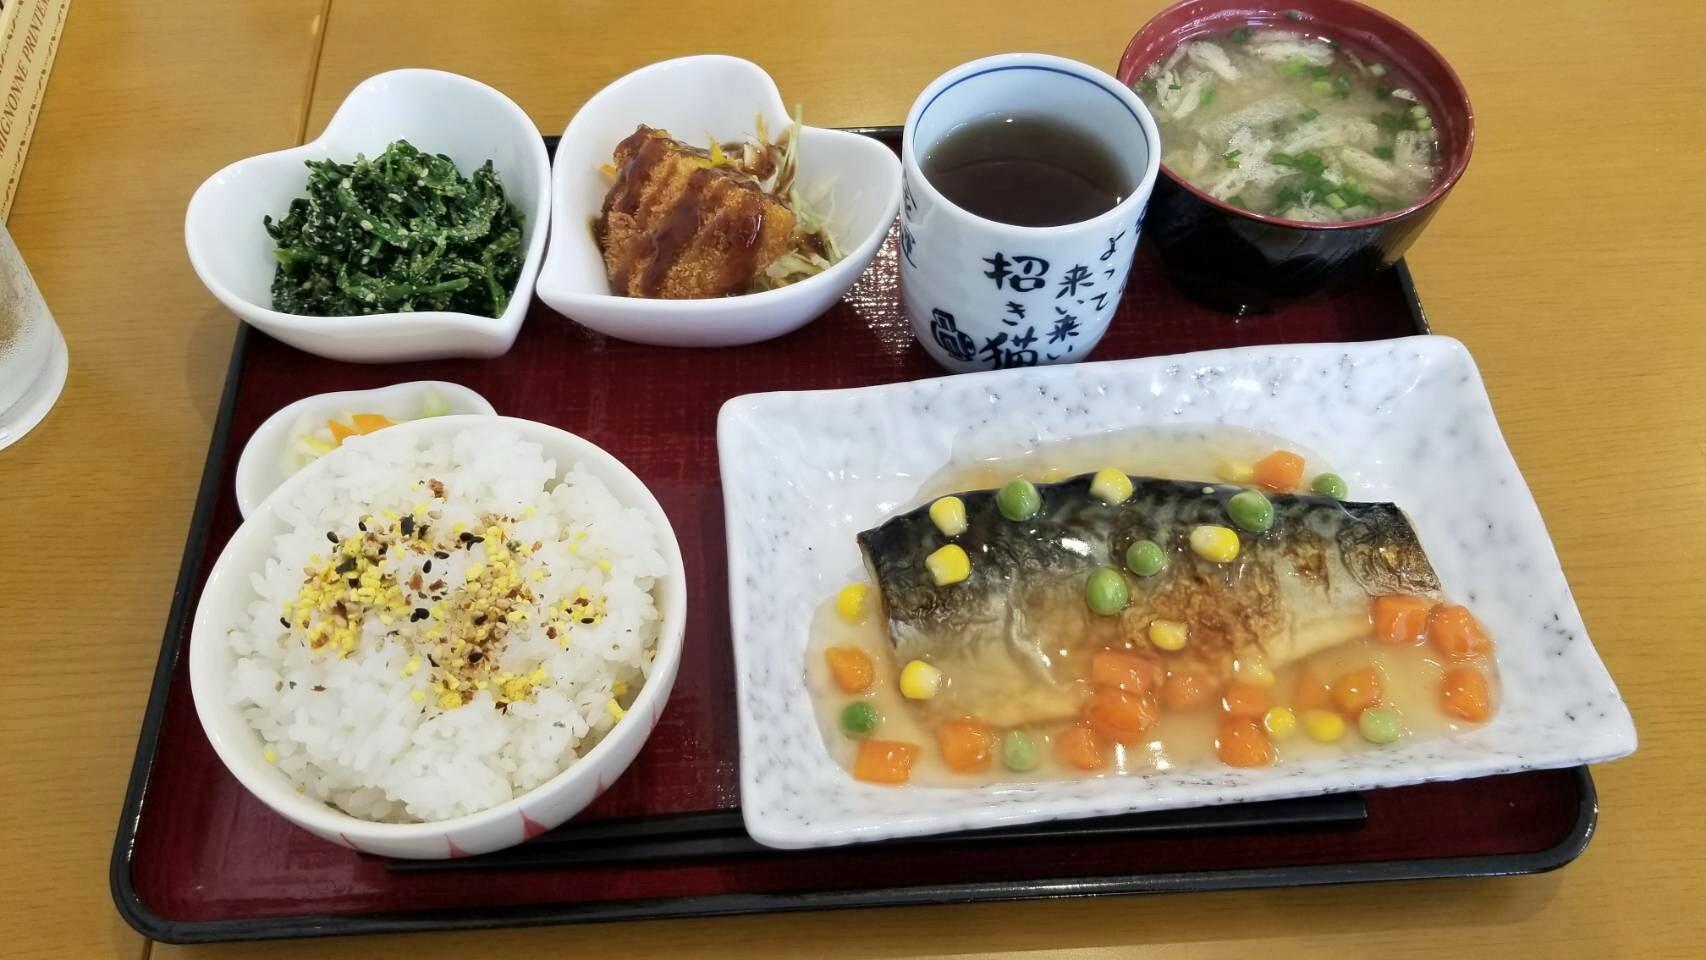 愛媛県松山市喫茶こころおすすめランチグルメおいしい穴場定食屋